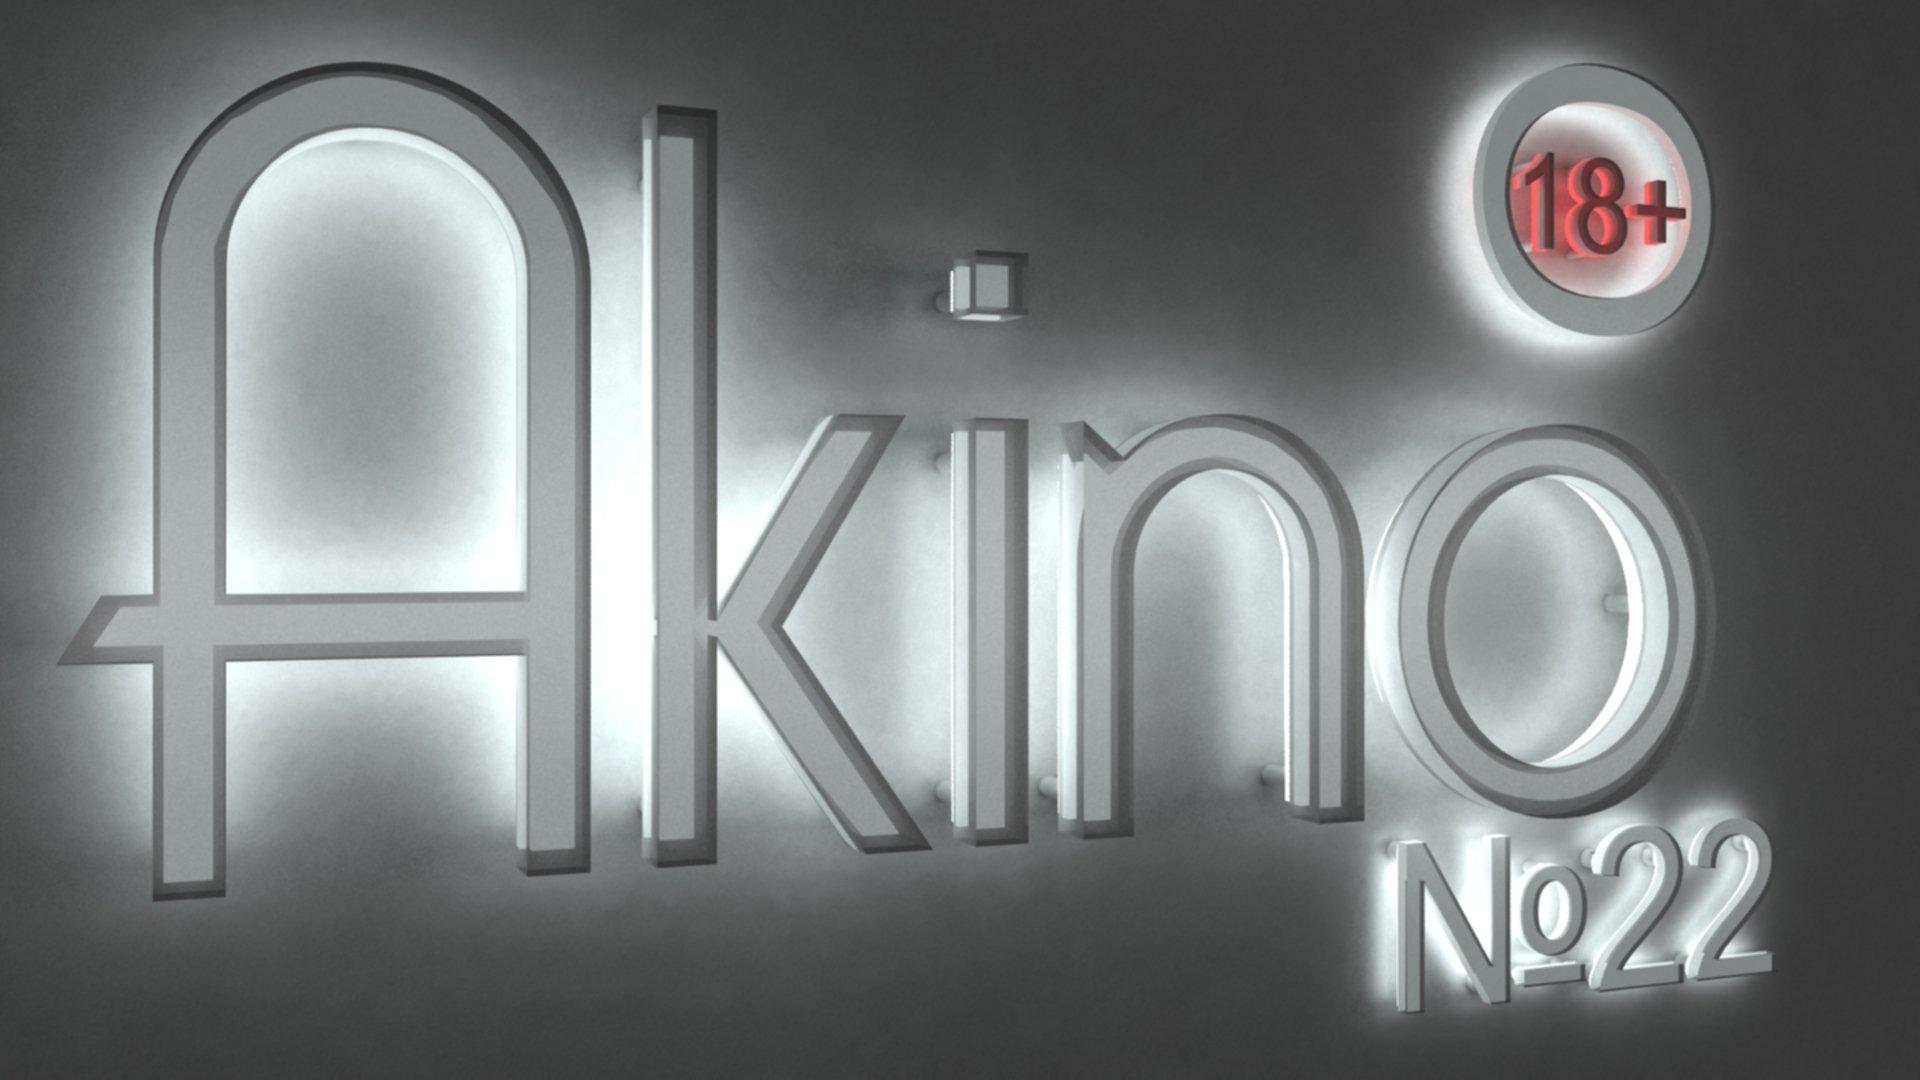 Подкаст AkiNO Выпуск № 22 (18+) - Изображение 1